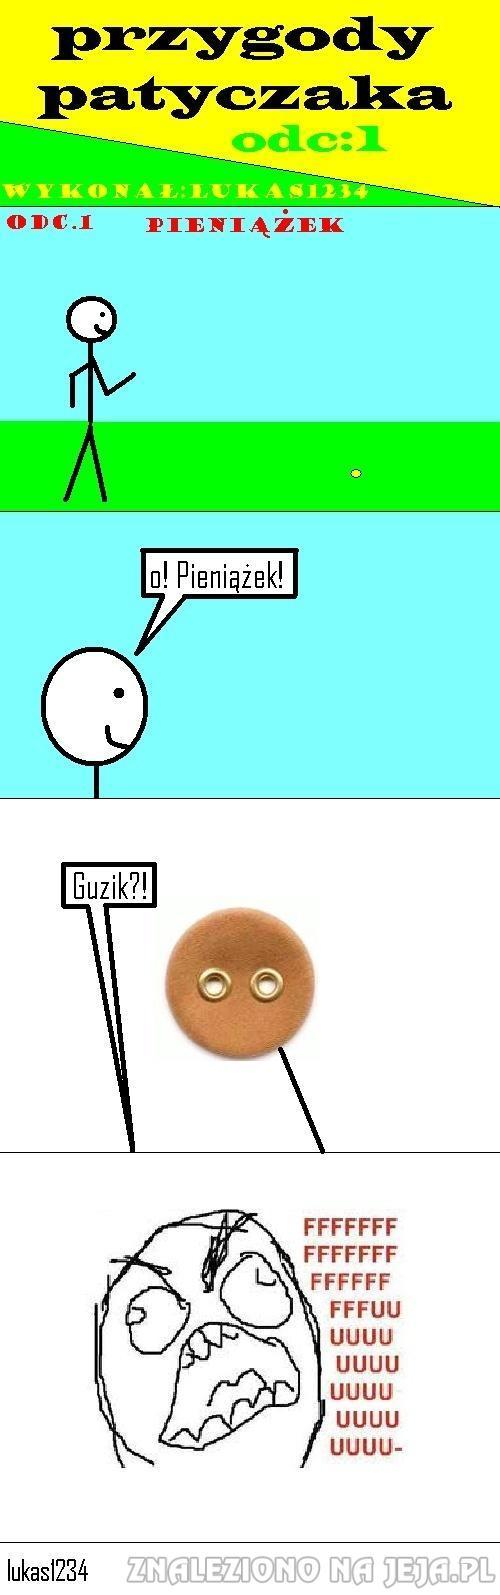 Przygody patyczaka odc.1